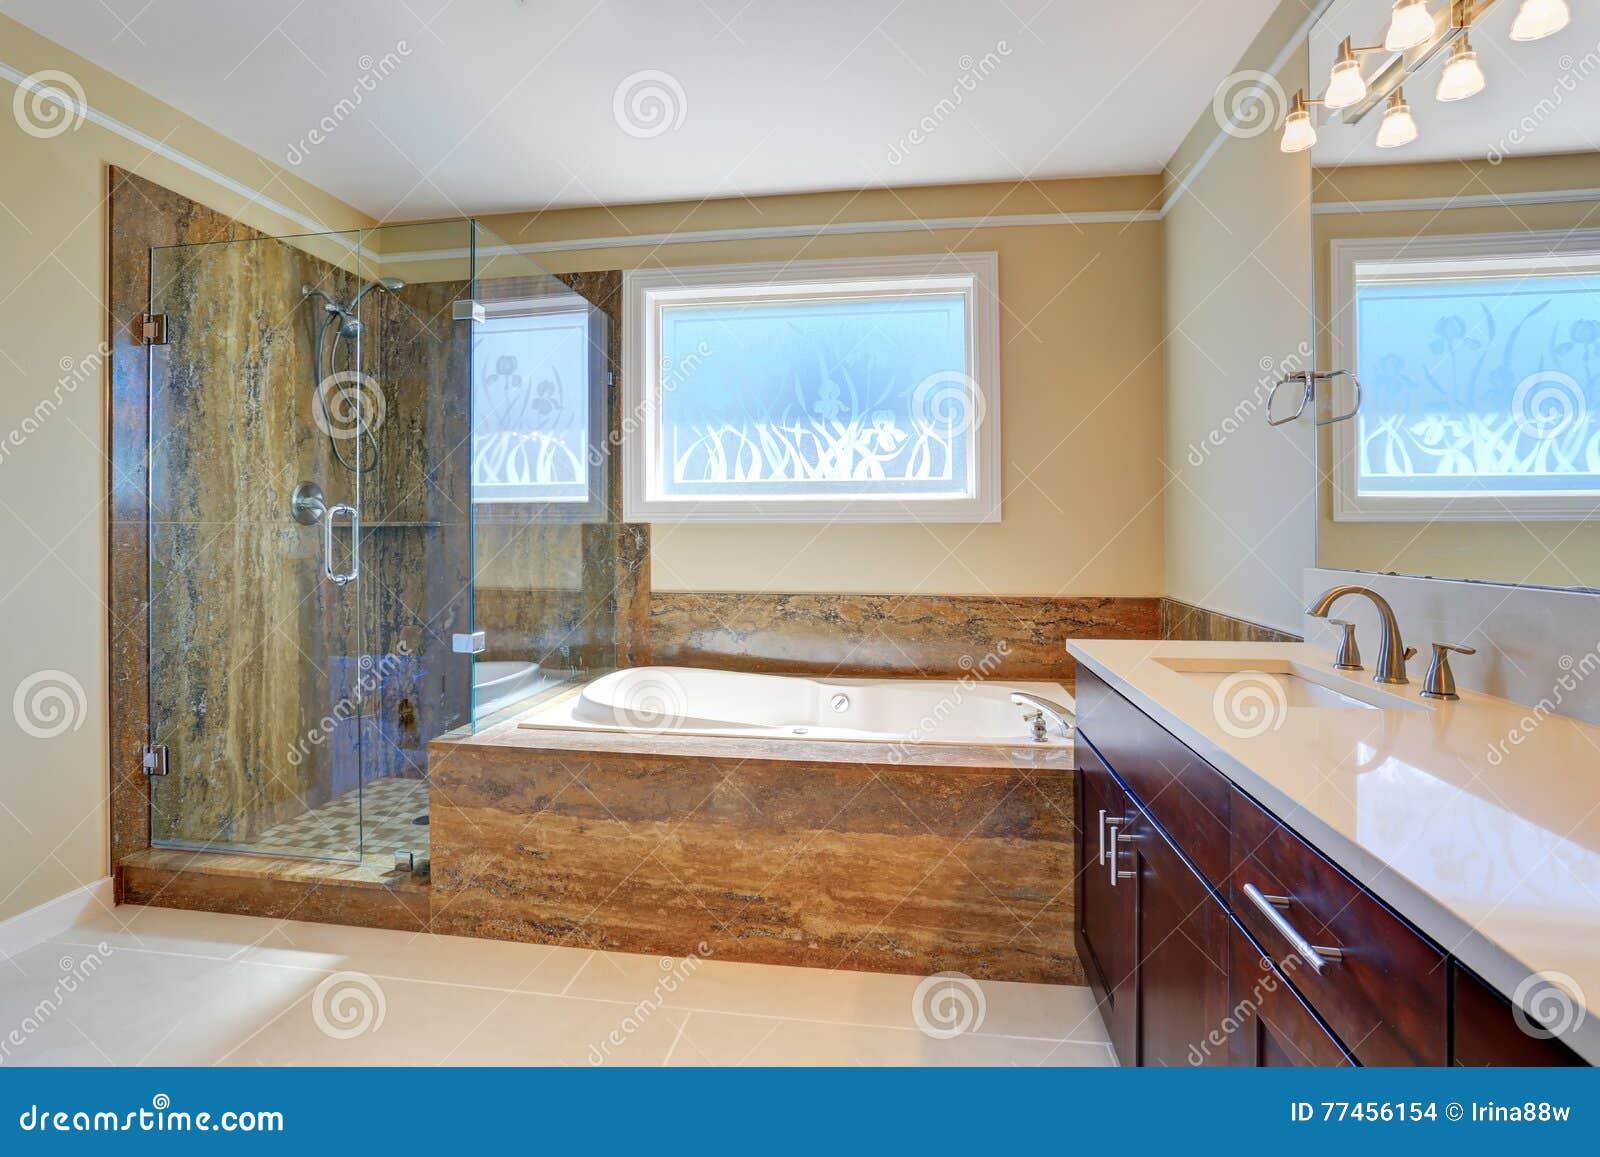 salle de bain avec douche et baignoire de luxe. Black Bedroom Furniture Sets. Home Design Ideas